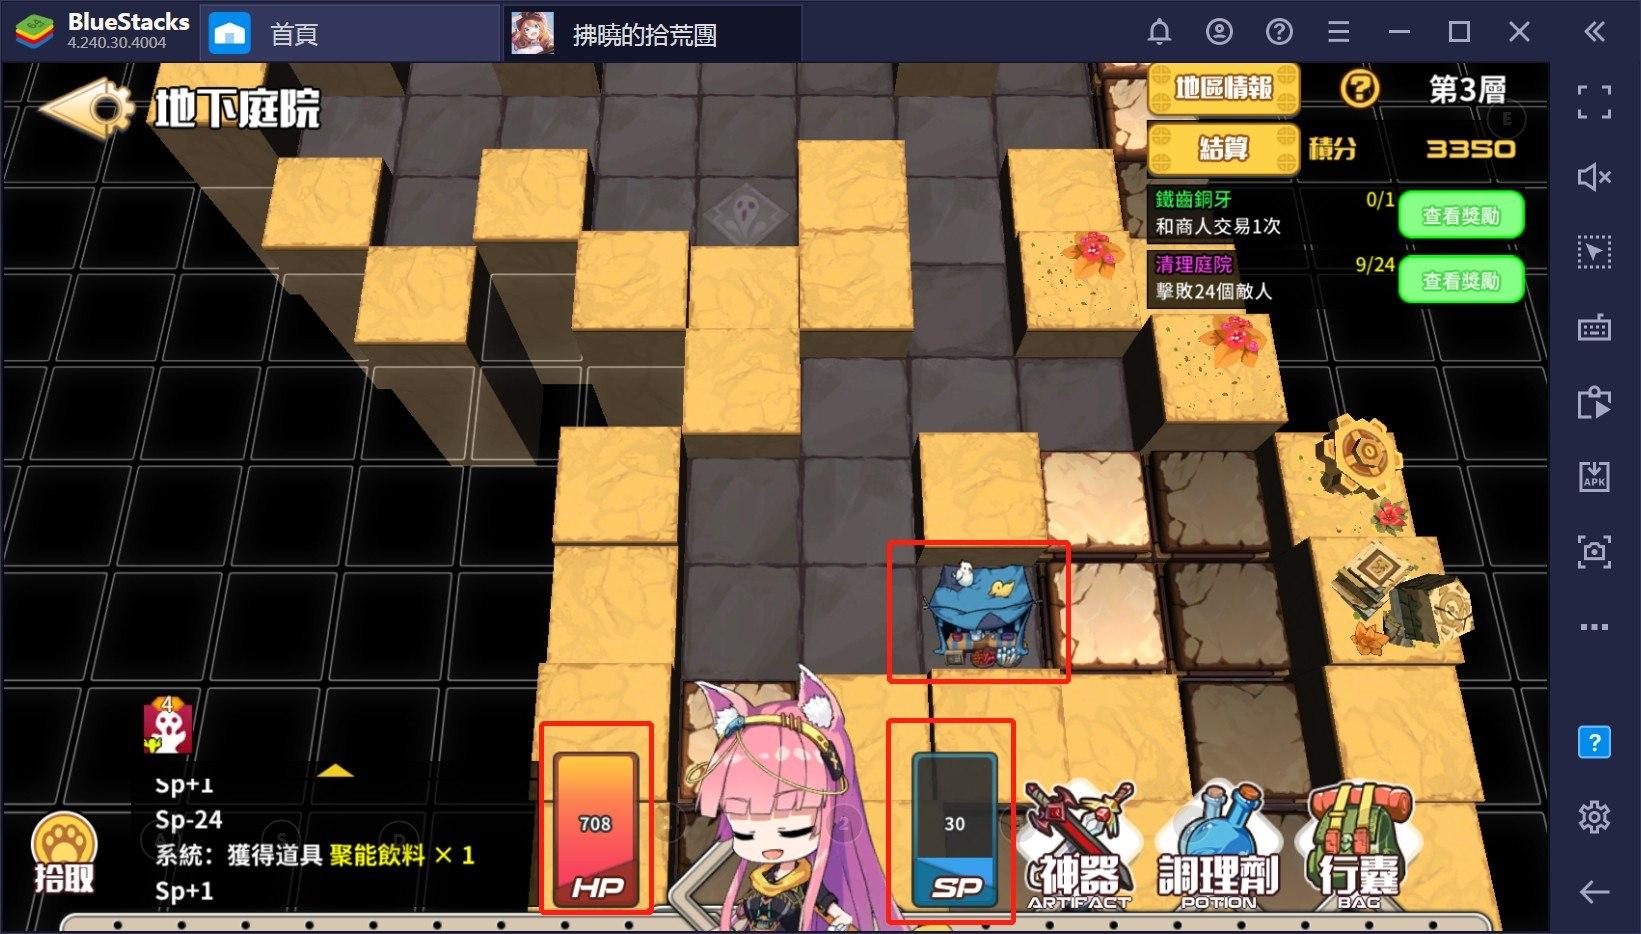 使用BlueStacks在PC上遊玩MMORPG放置手遊《拂曉的拾荒團》